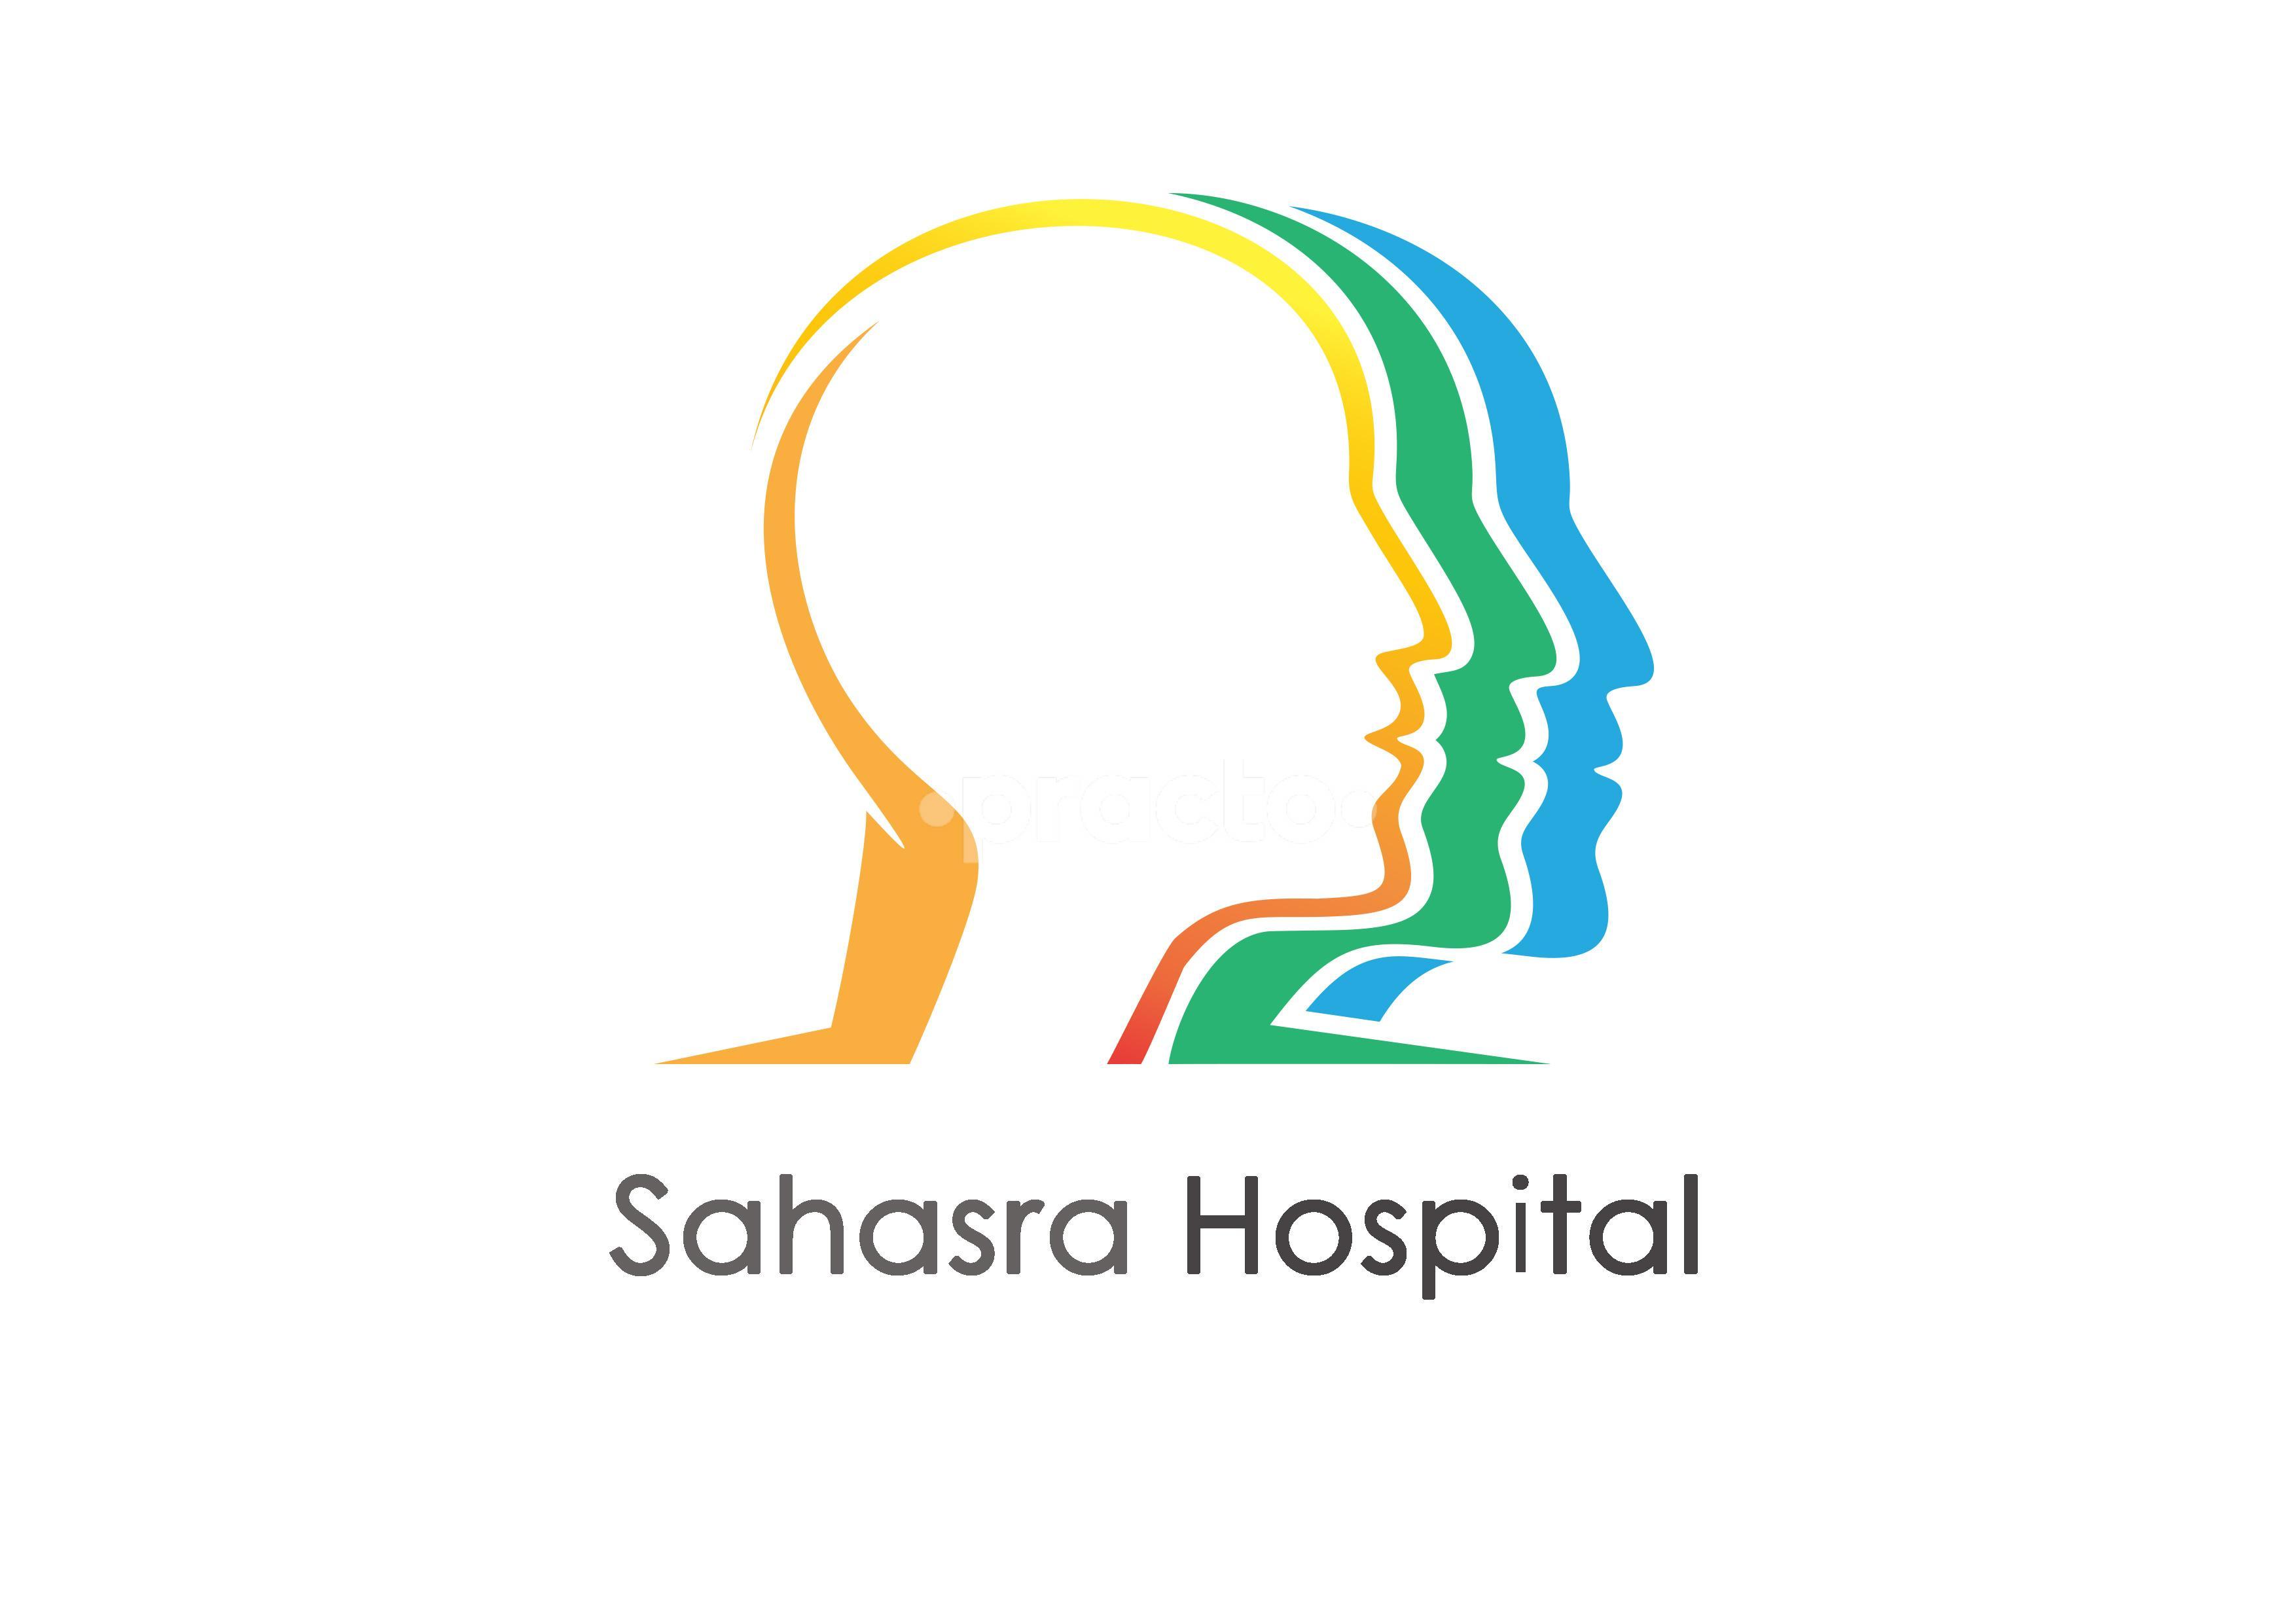 Sahasra Hospital